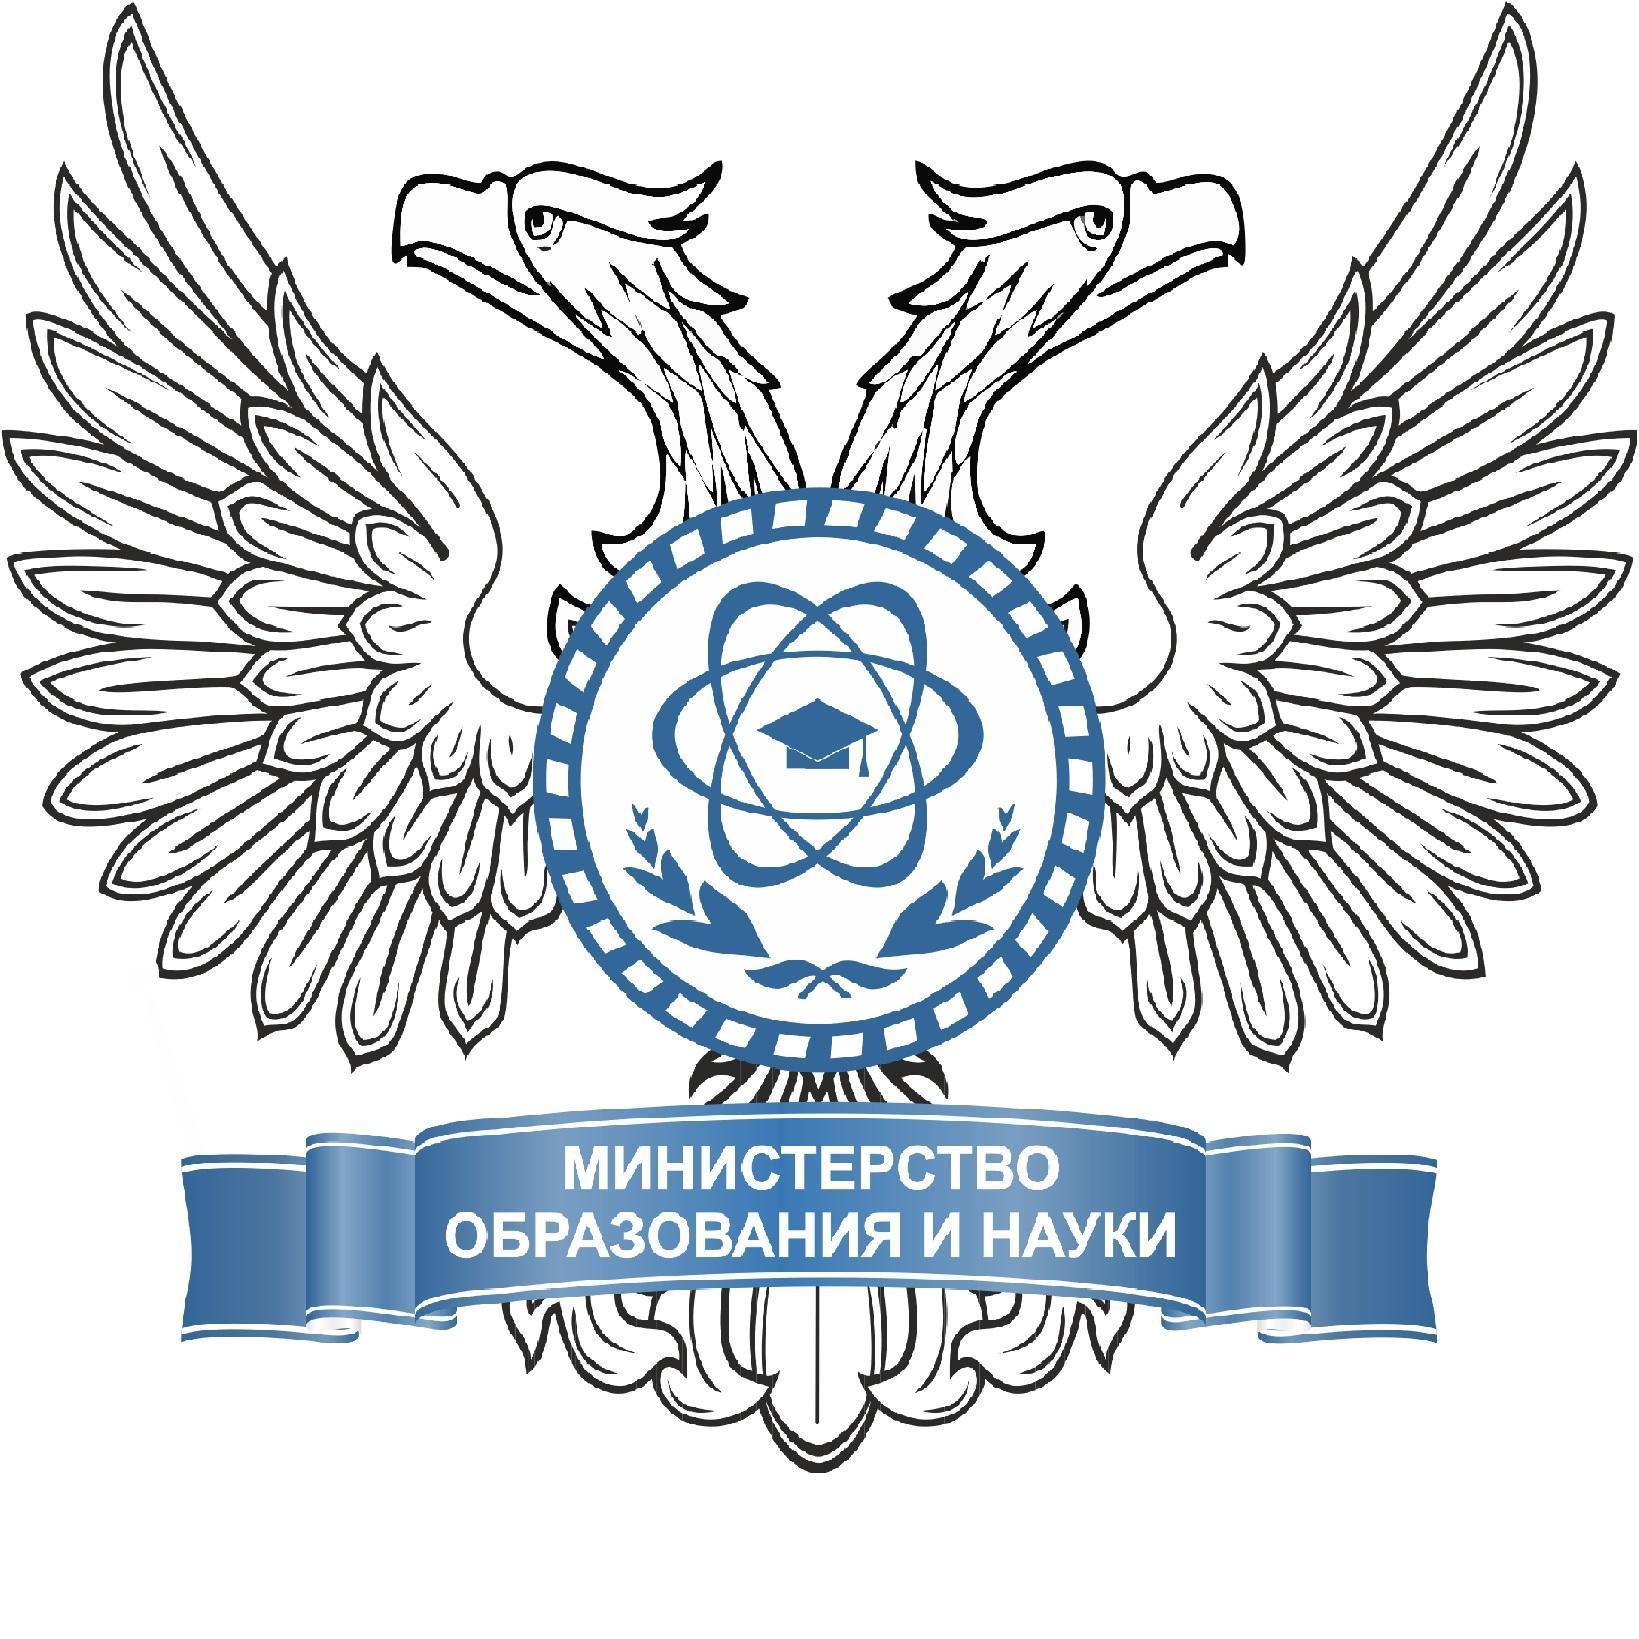 Министерство образования и науки ДНР